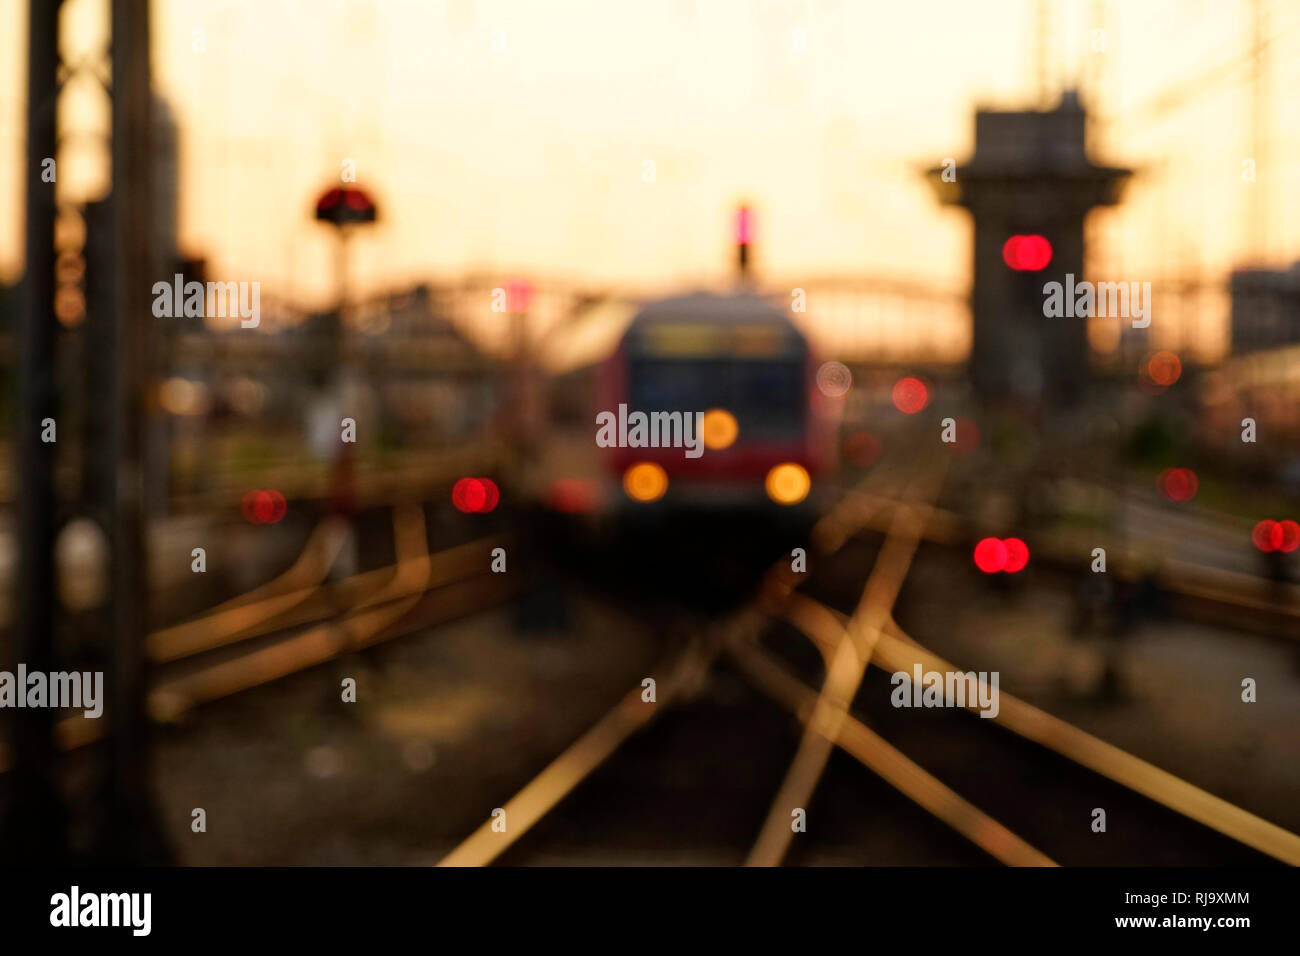 Deutschland, Bayern, München, Hauptbahnhof, Gleisanlage mit Kreuzung, Zug, Abendstimmung, unscharf, verschwommen Stock Photo